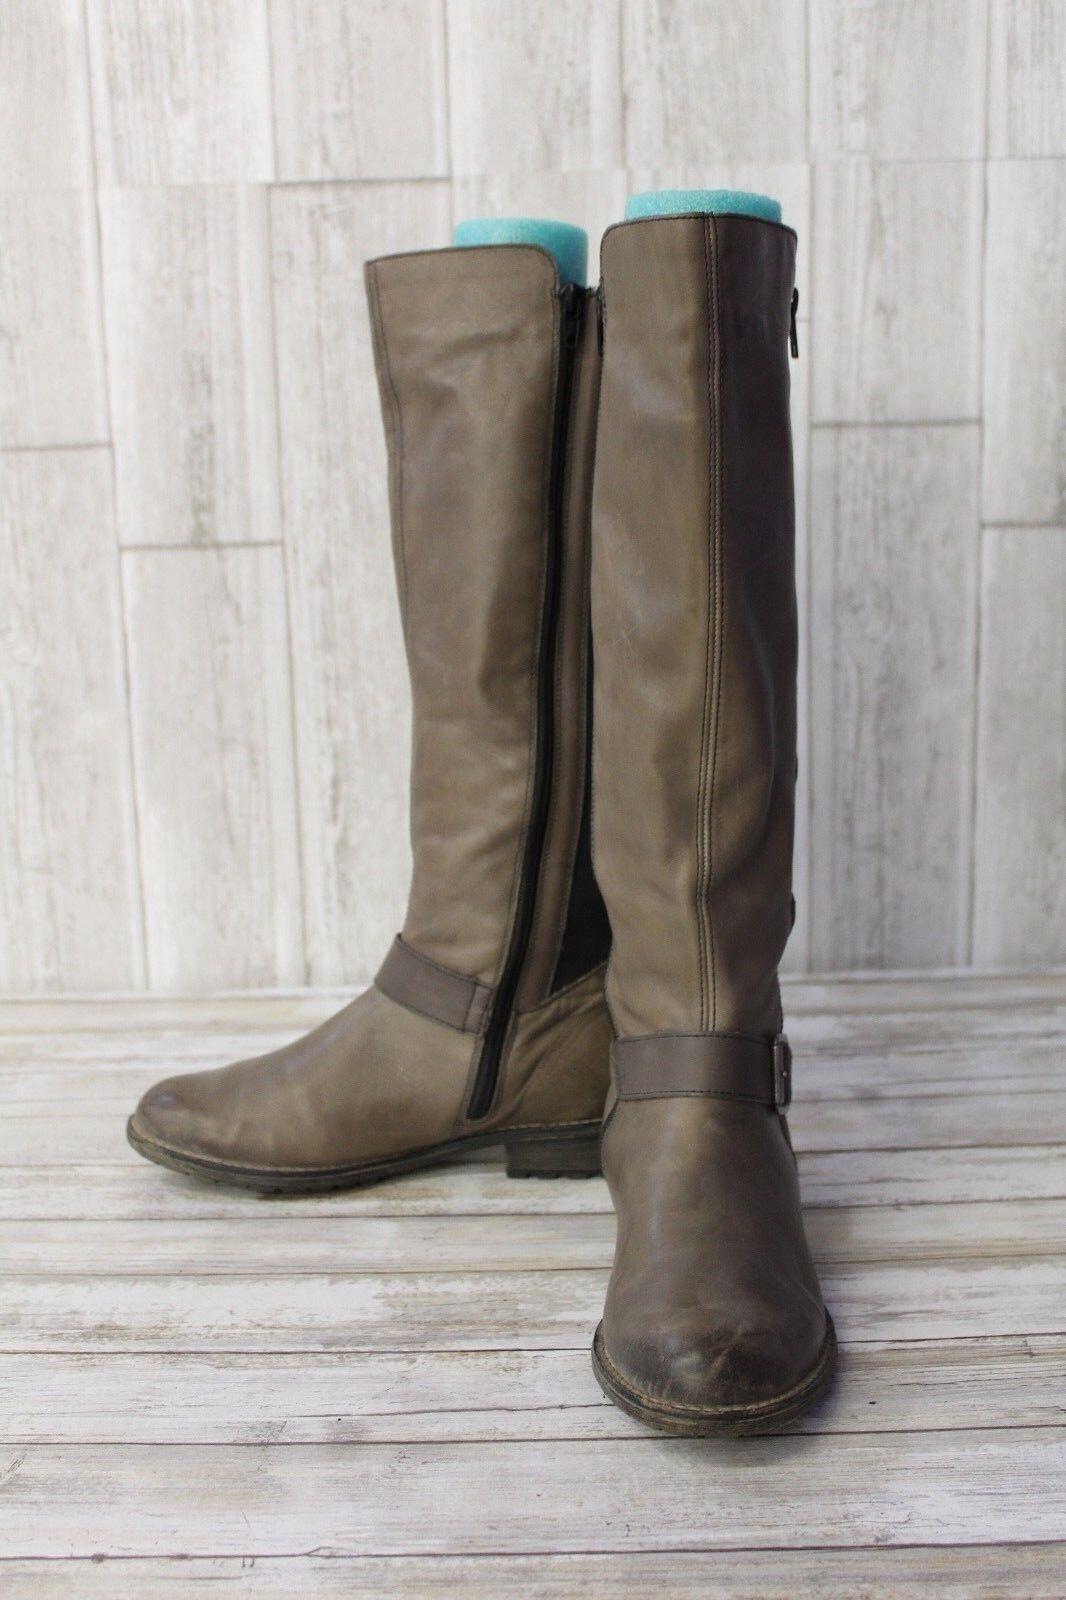 Rieker Remonte R3358 Elaine 58 Riding Boot, Damens - Größe EUR 37 (US 6.5), Braun